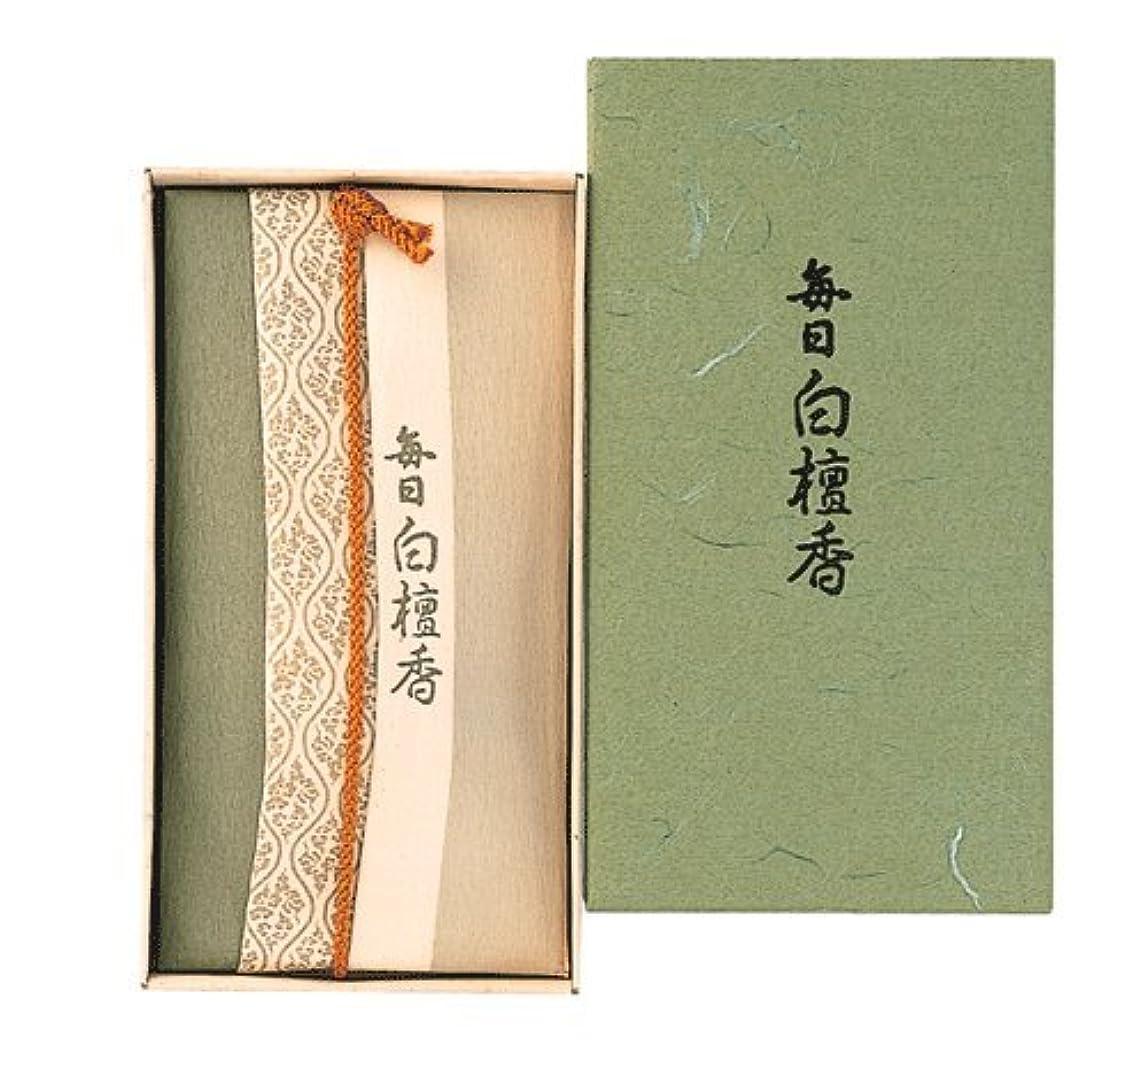 血統衝動コンチネンタル香木の香りのお香 毎日白檀香 コーン24個入【お香】